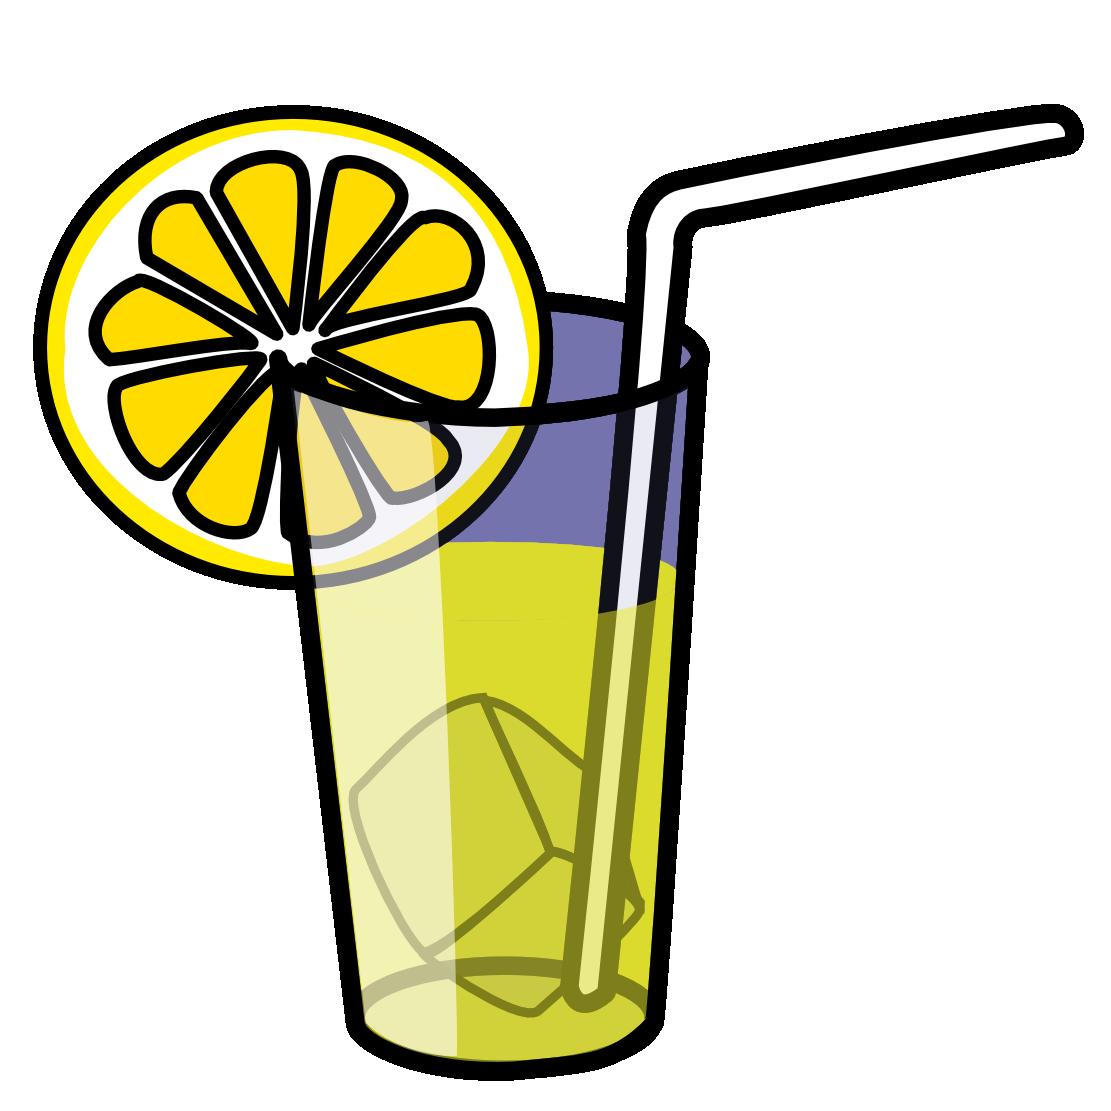 Iced tea clipart